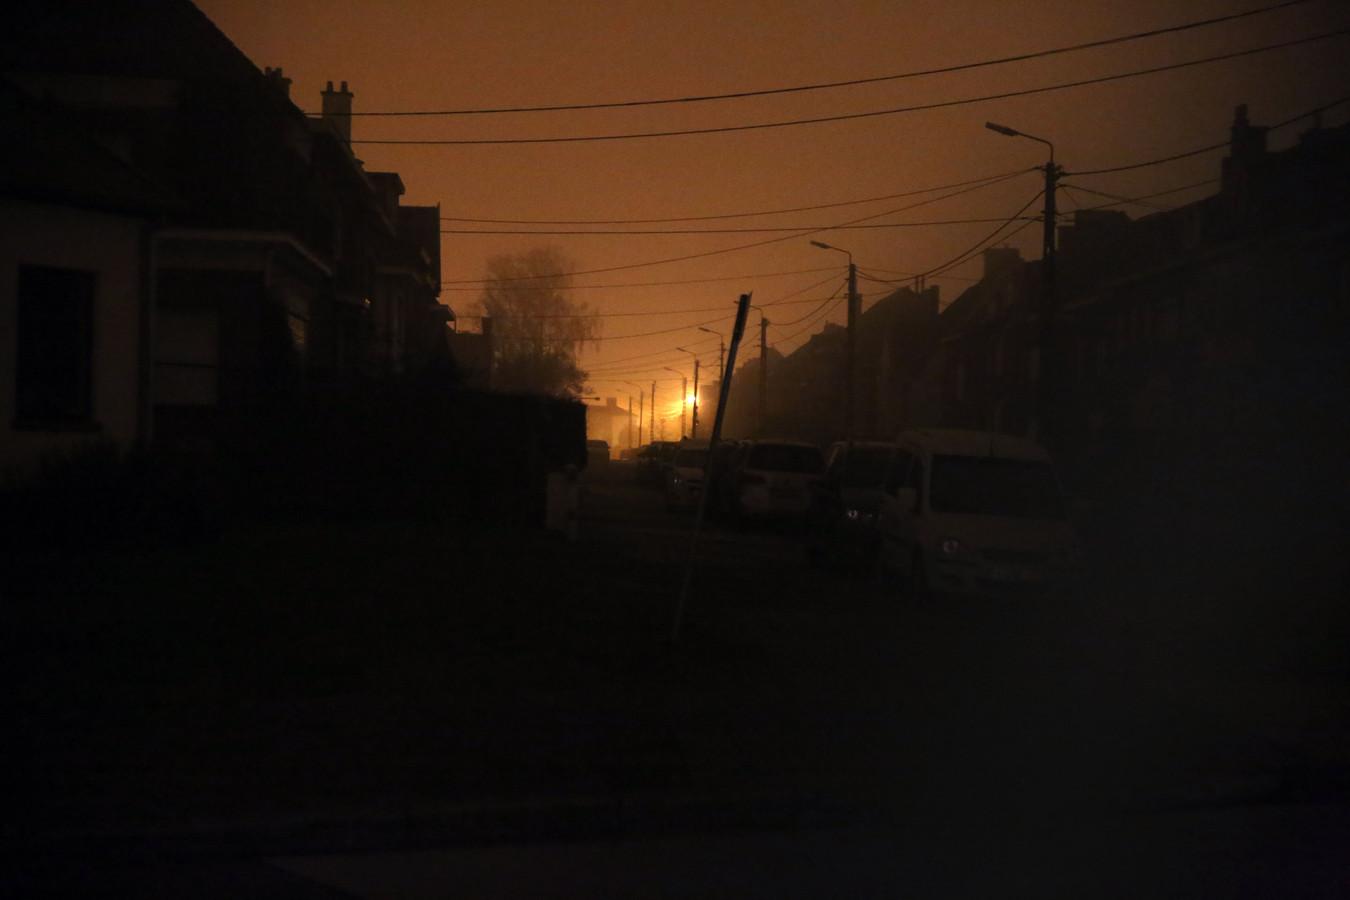 Wordt Ternat in de toekomst niet meer verlicht 's nachts?